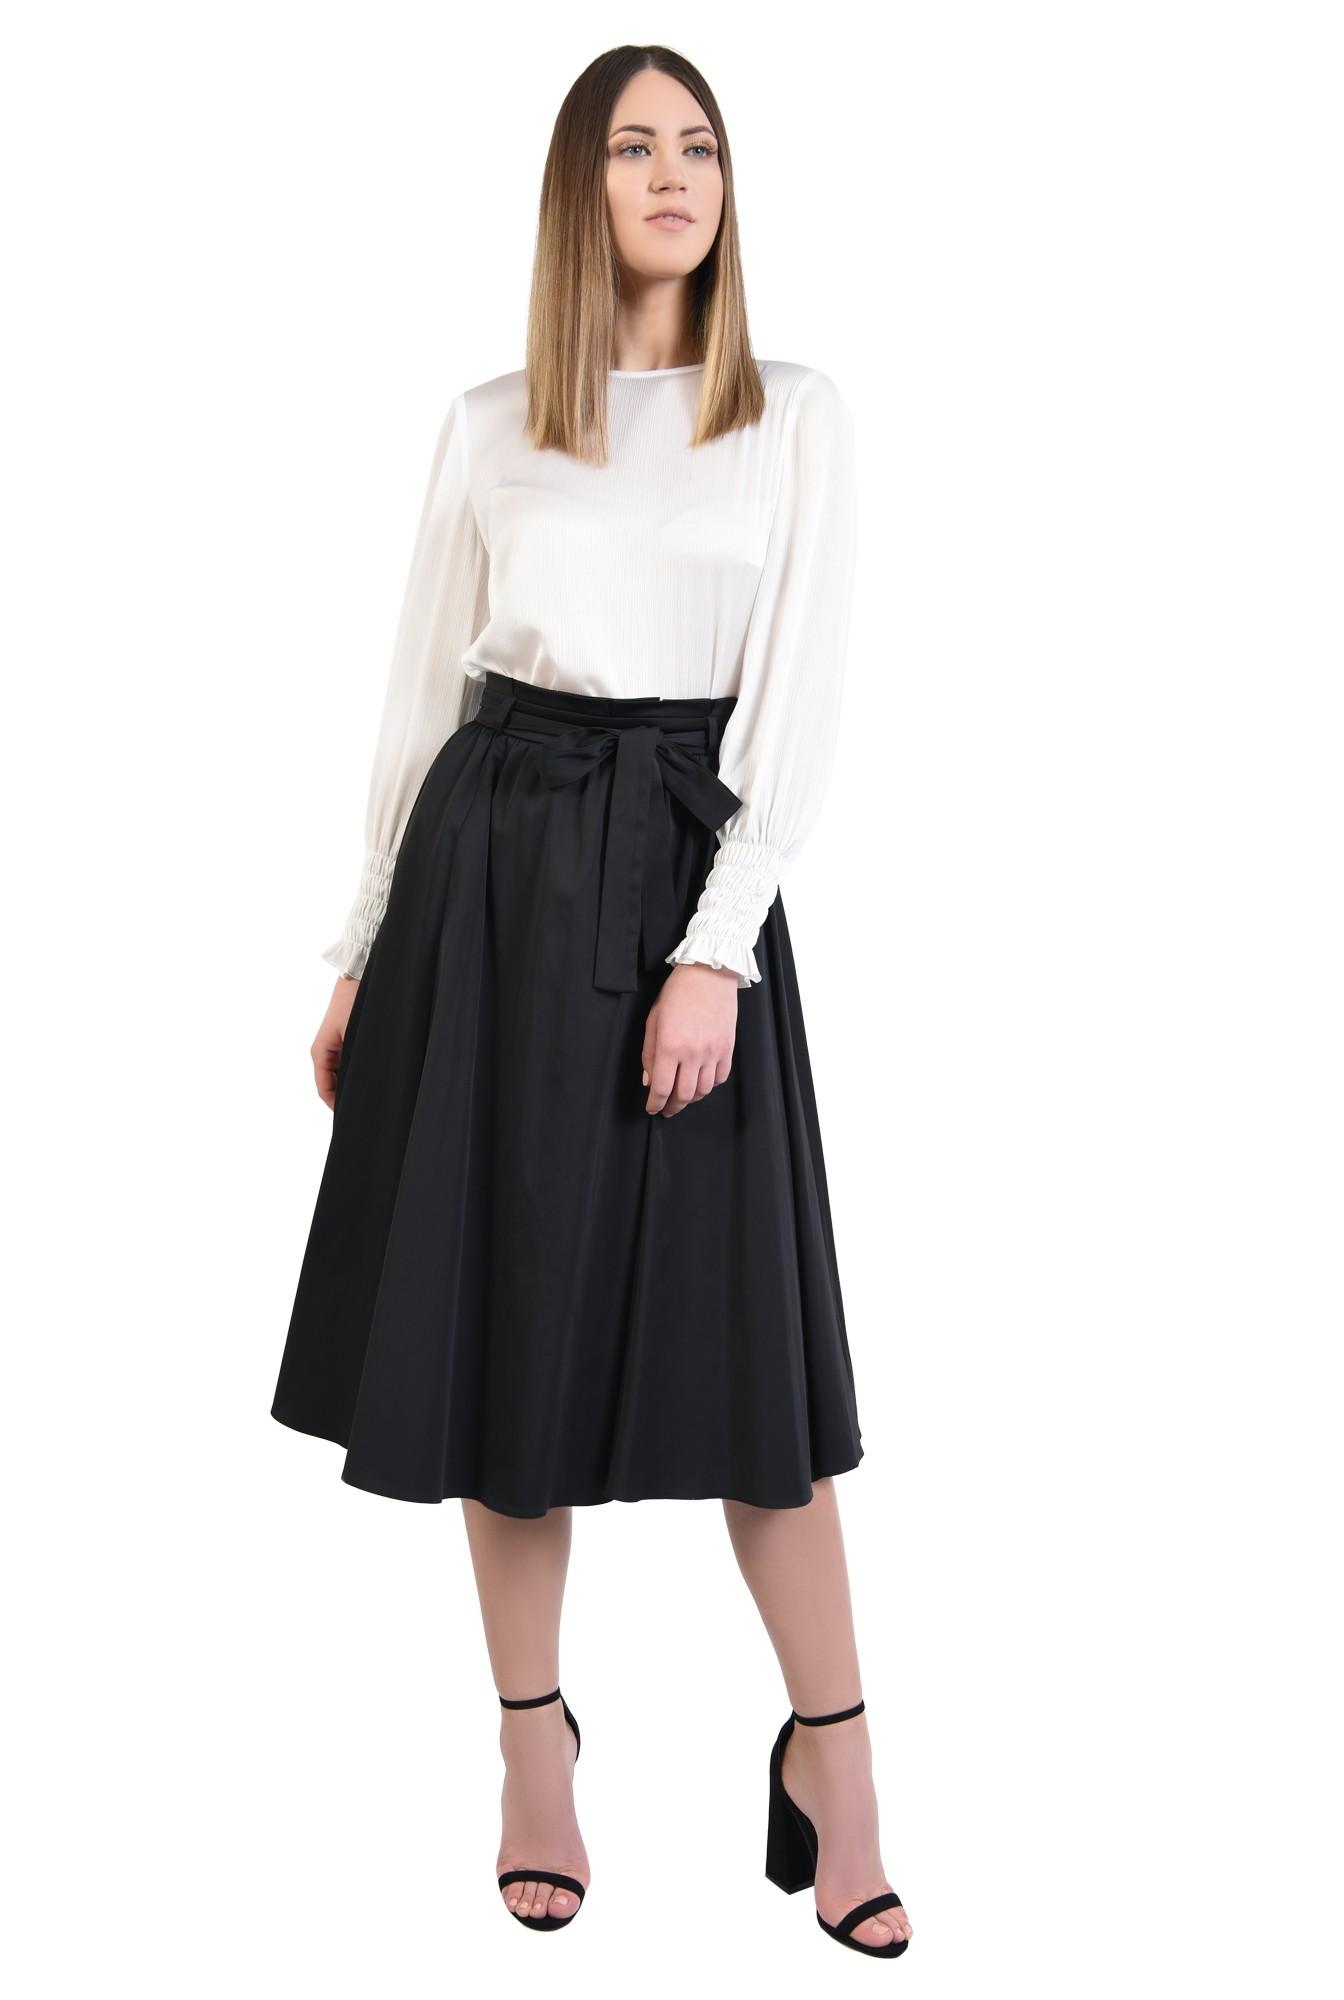 360 - fusta neagra eleganta, croi evazat, falduri, betelie plisata cu cordon